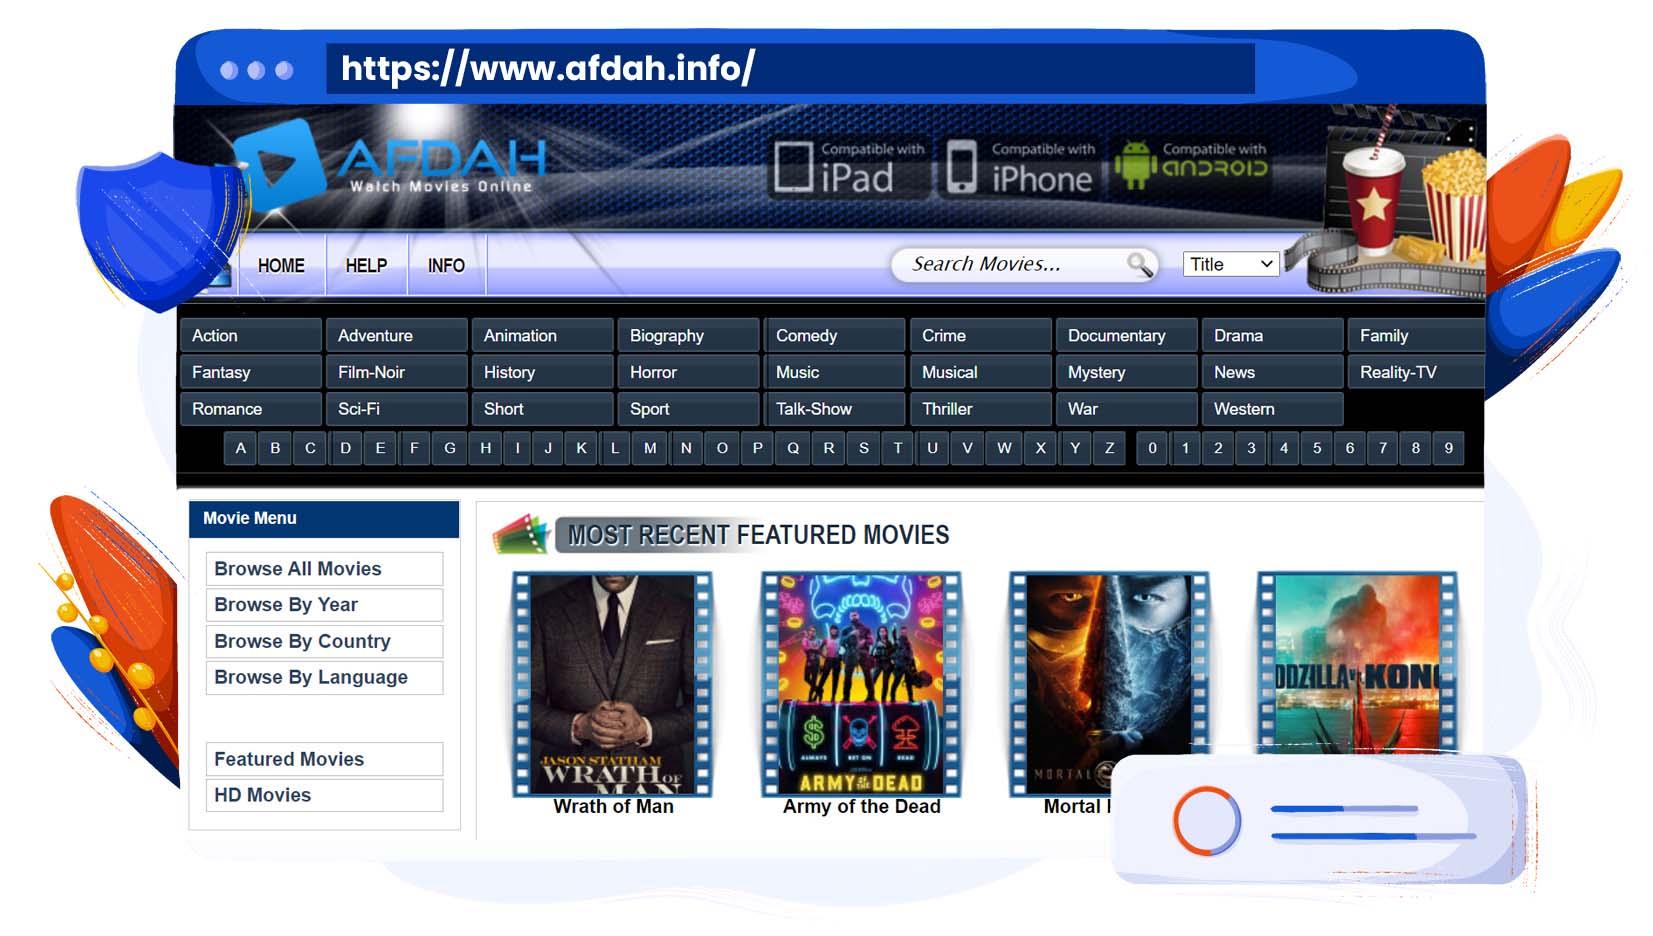 Nutzen Sie Afdah als Putlocker-Alternative zum Streamen von Filmen und TV-Serien